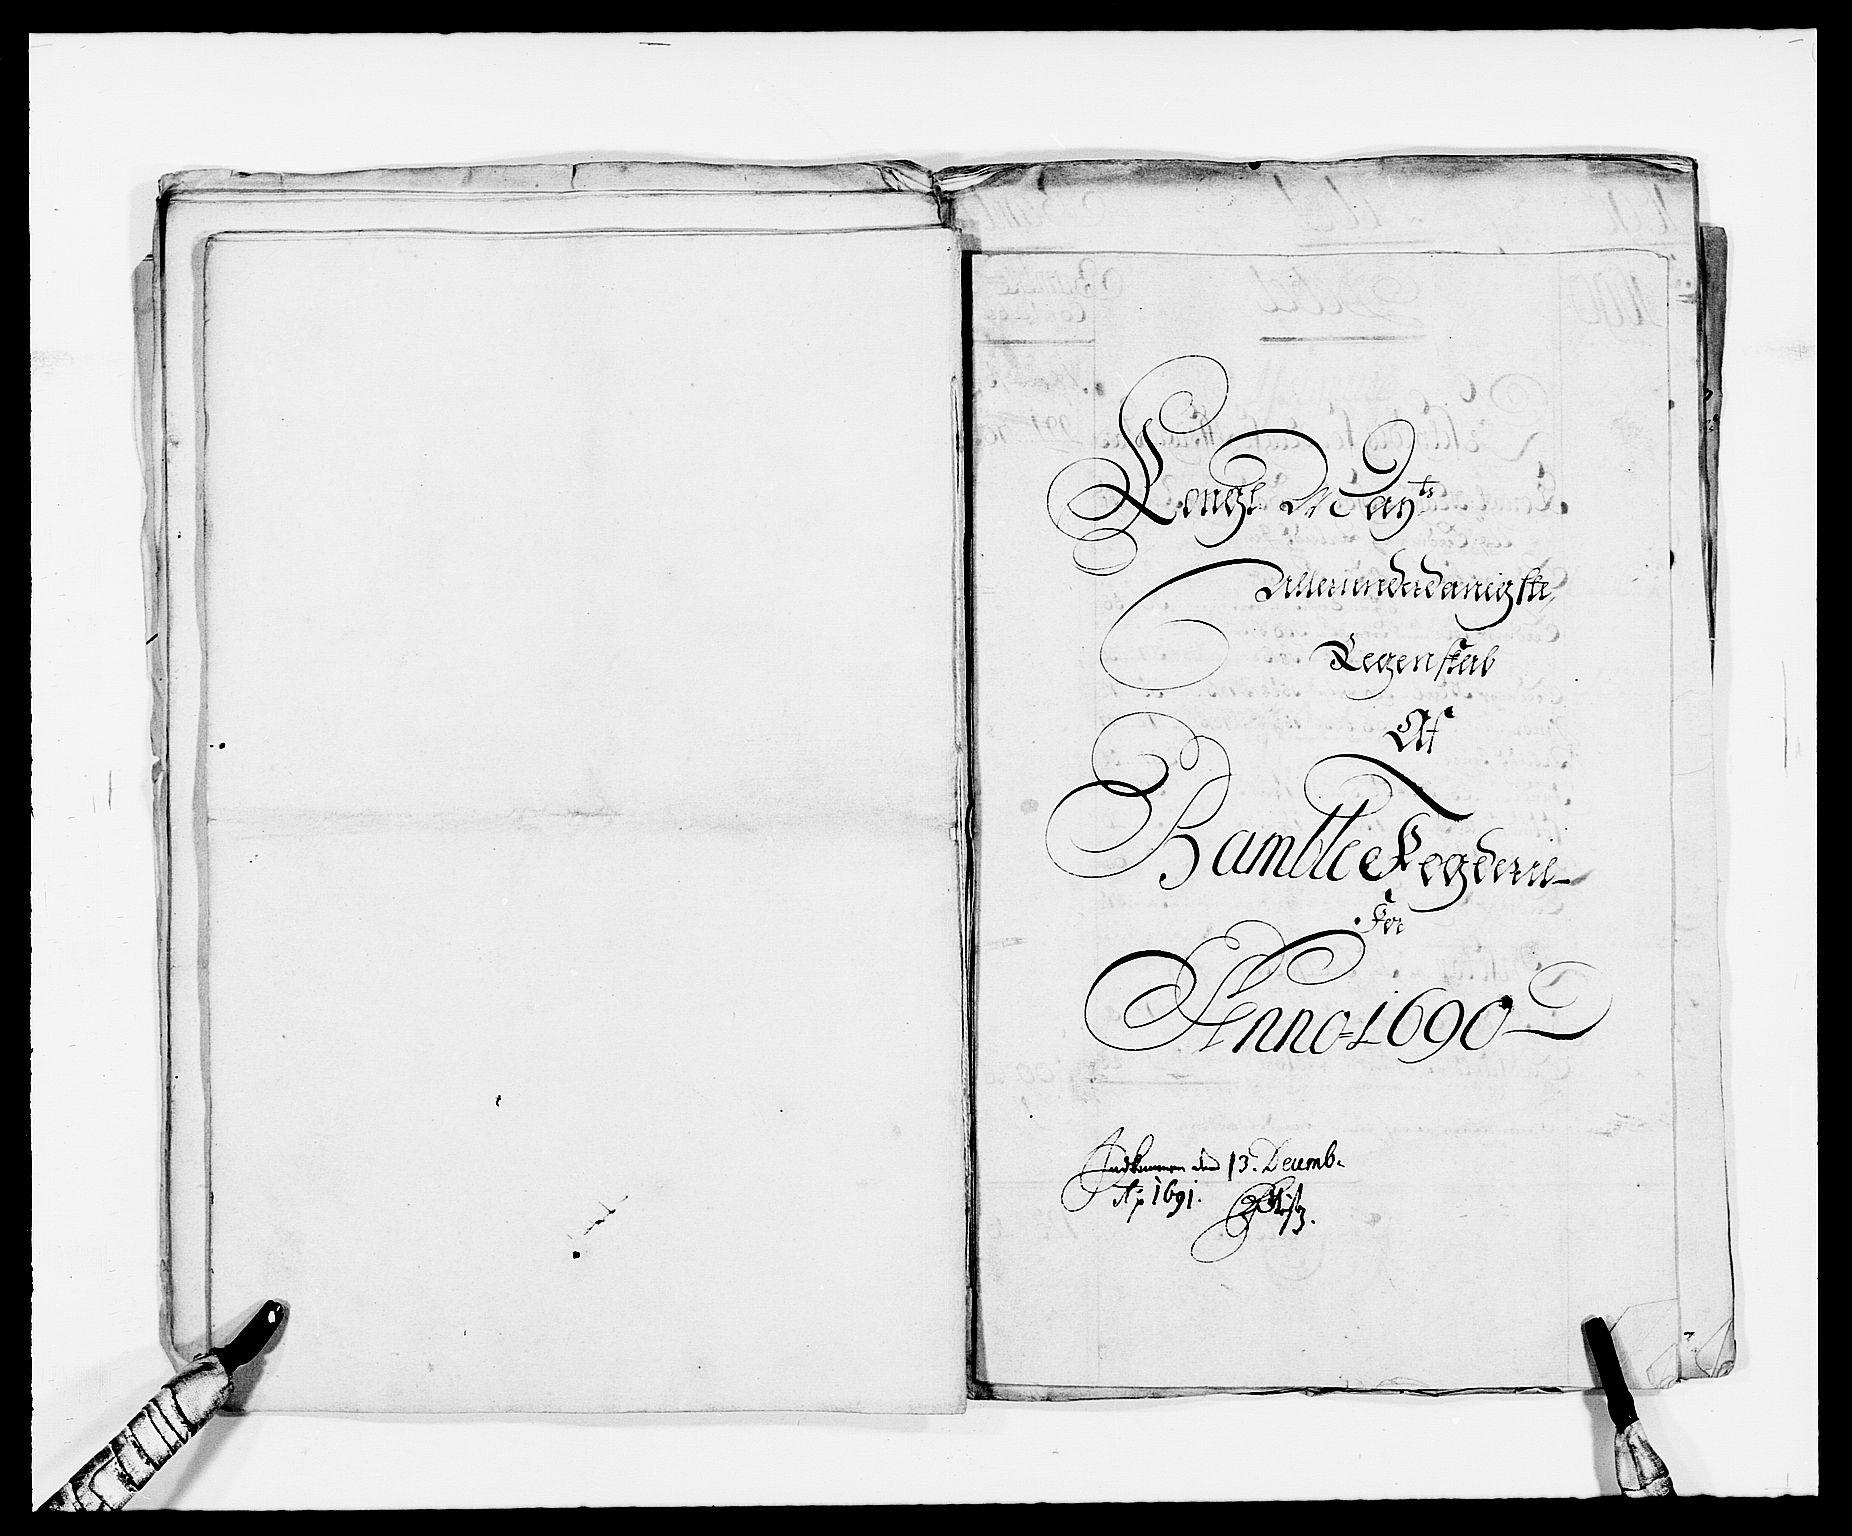 RA, Rentekammeret inntil 1814, Reviderte regnskaper, Fogderegnskap, R34/L2050: Fogderegnskap Bamble, 1688-1691, s. 19